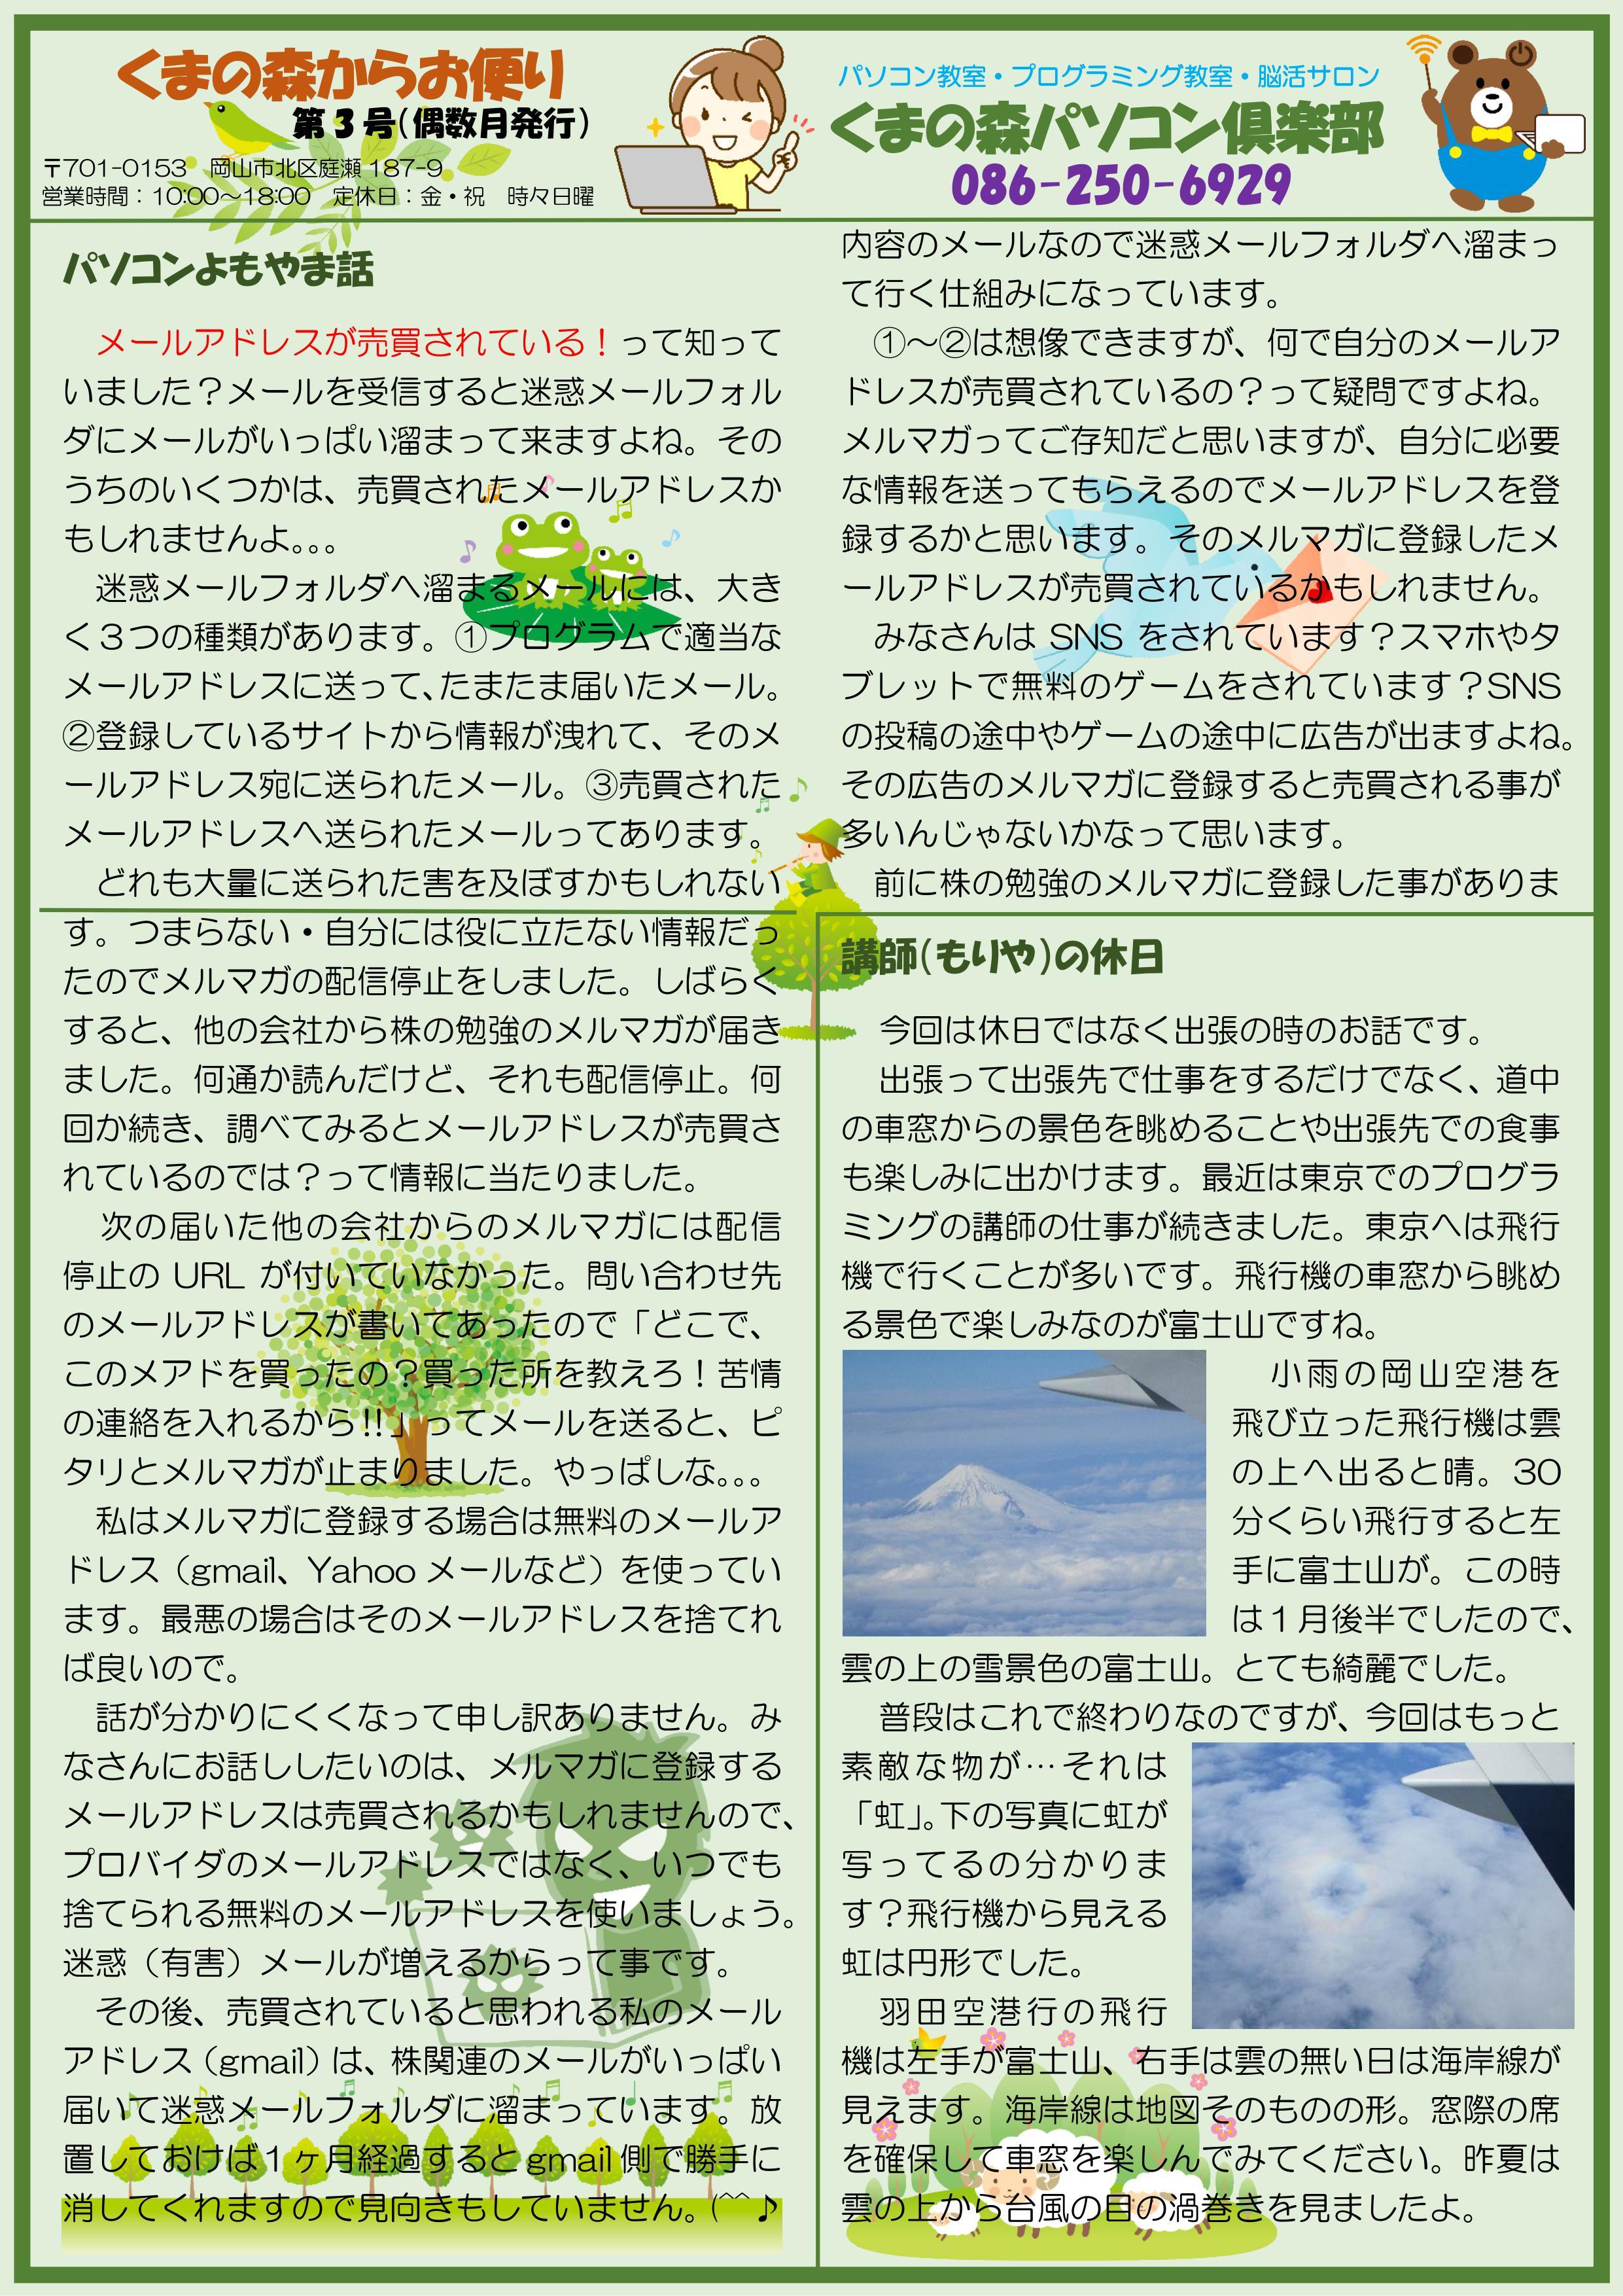 くまの森通信202003_縦_表-画像